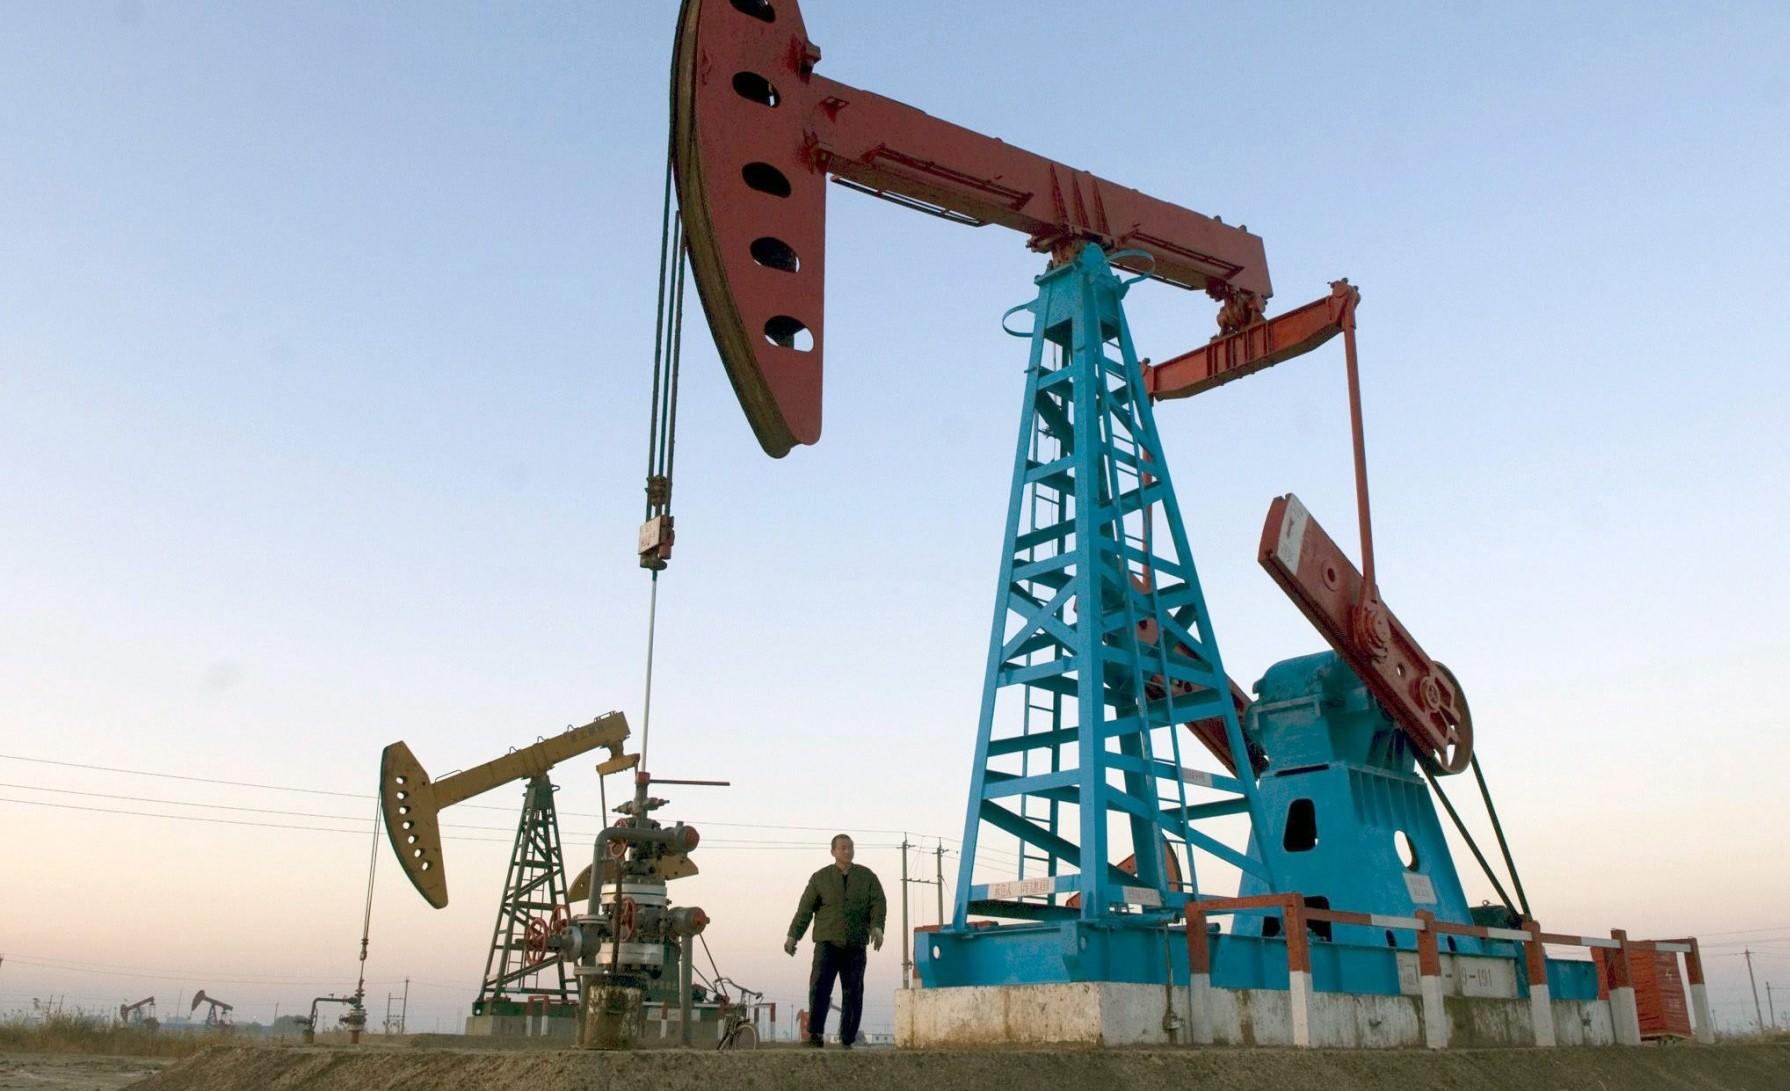 Εύρηκα – Εύρηκα: Μογγολικό πετρέλαιο!